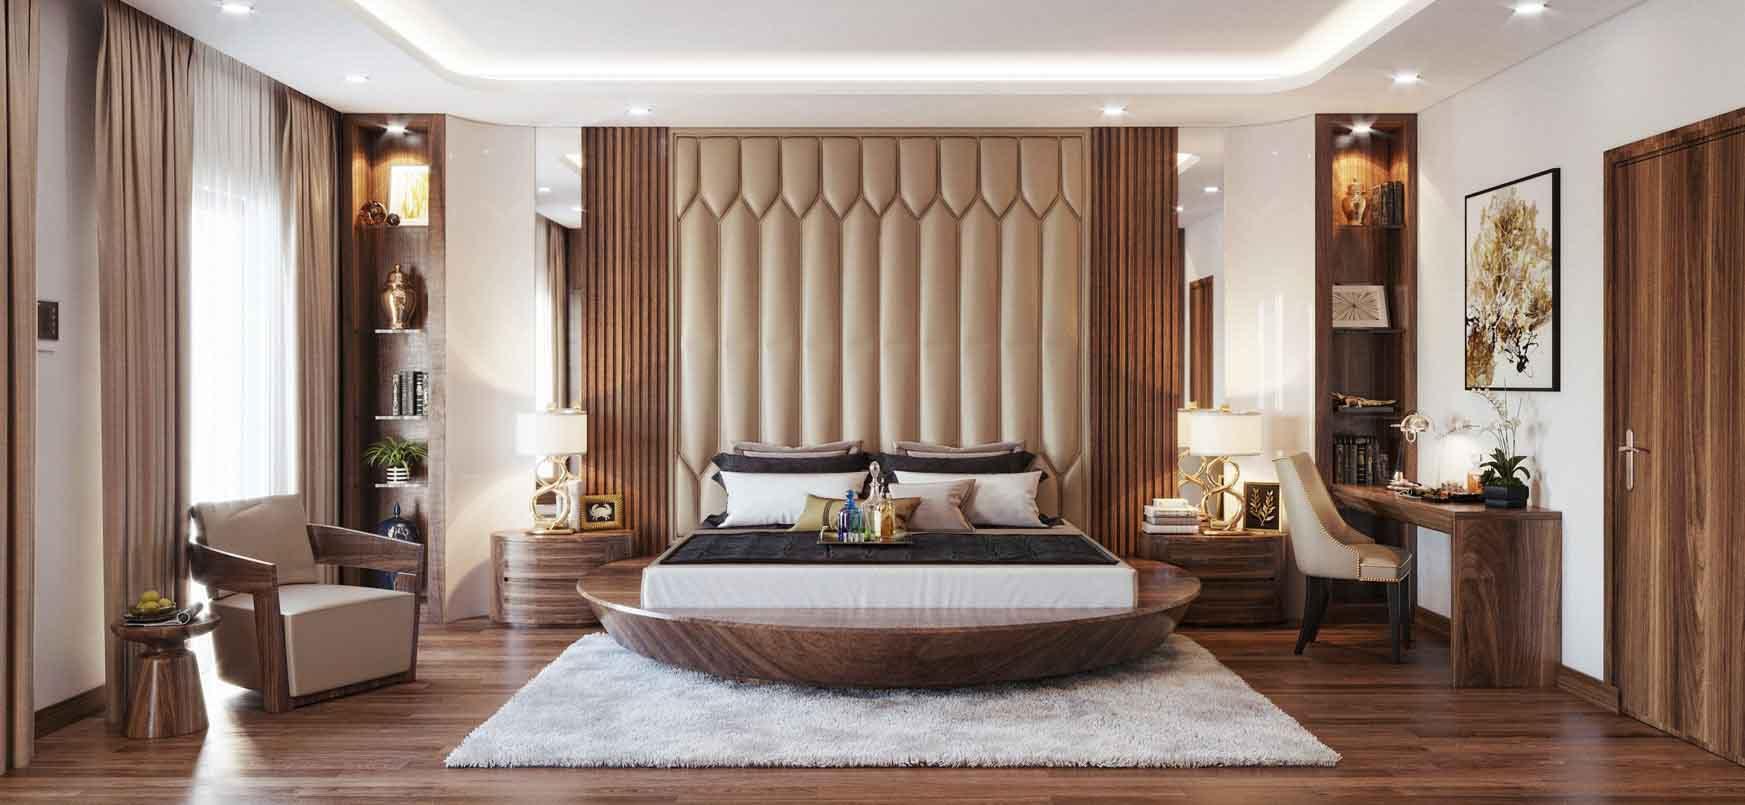 Dịch vụ thiết kế nội thất đẹp, theo yêu cầu của khách hàng.